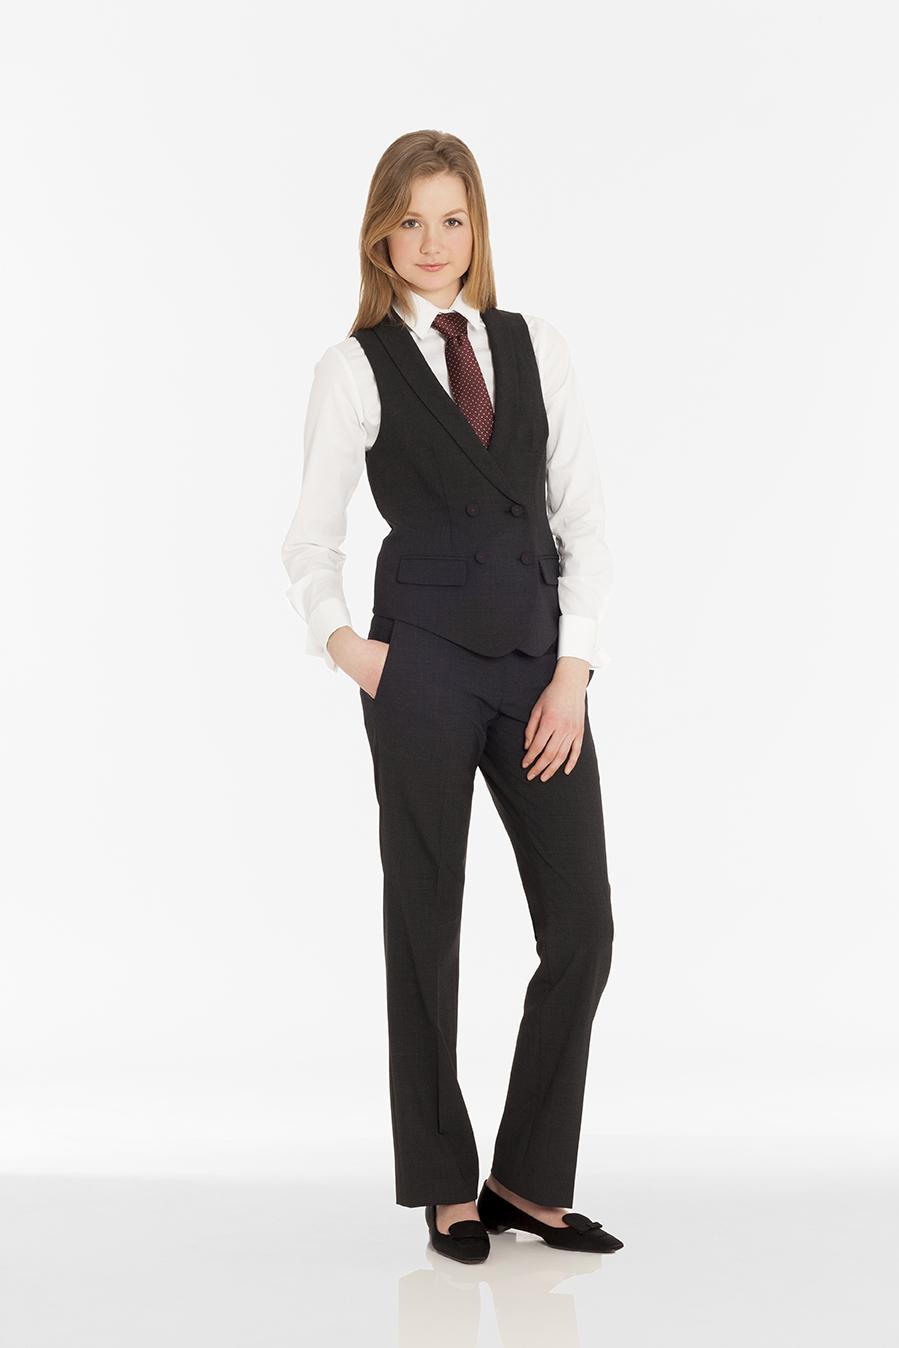 Vest 1105 Shirt 500FC Pant 112 Tie 1420